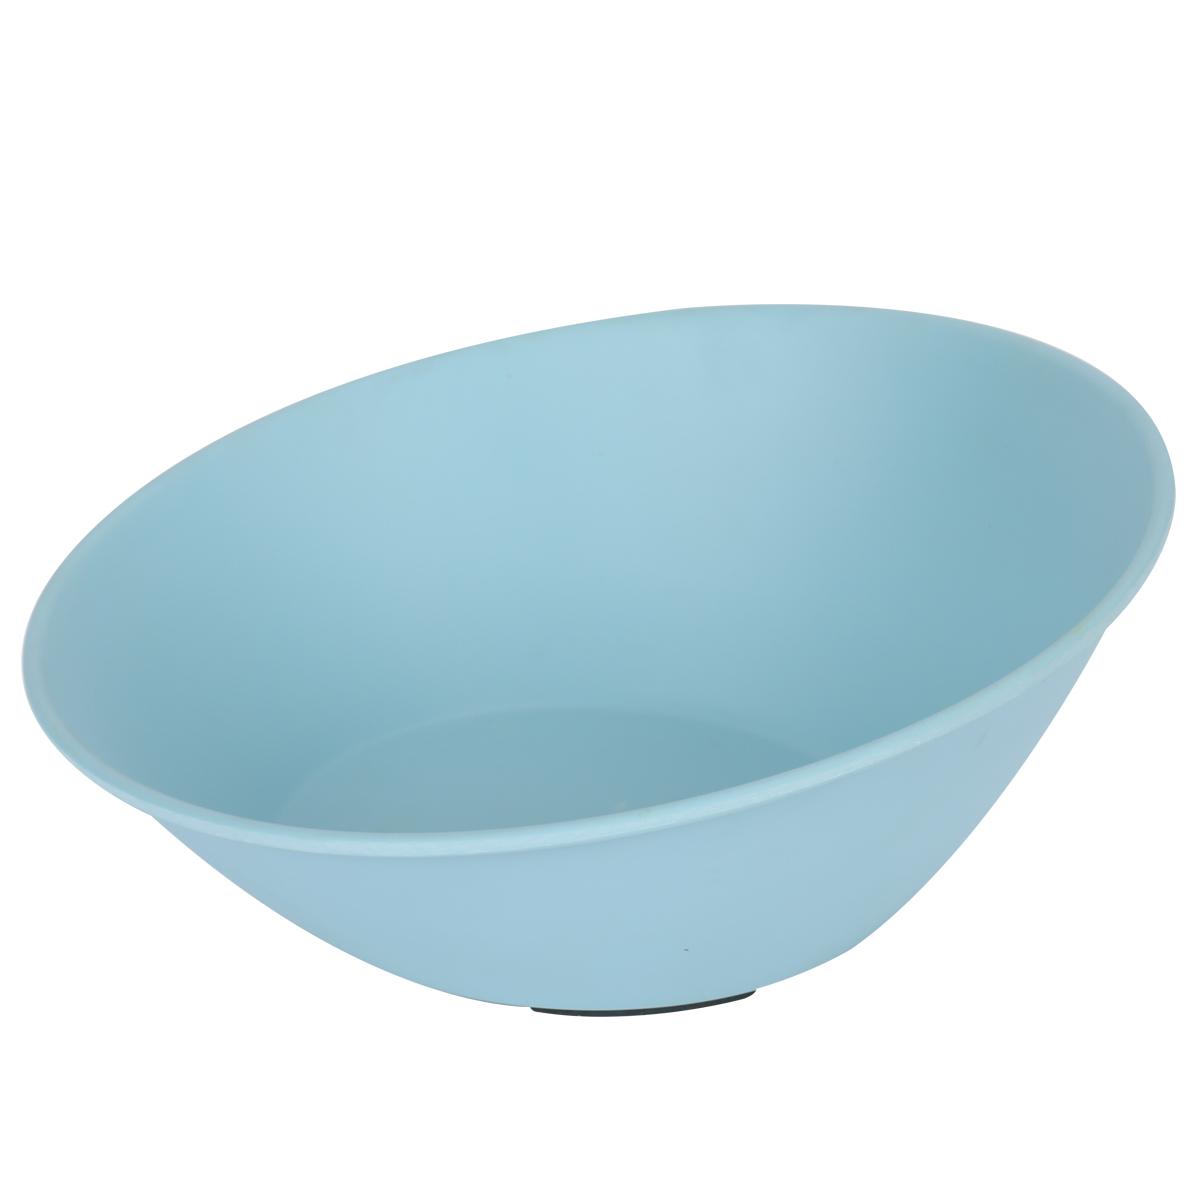 Ergonomic Dog Bowl L - Solid Color